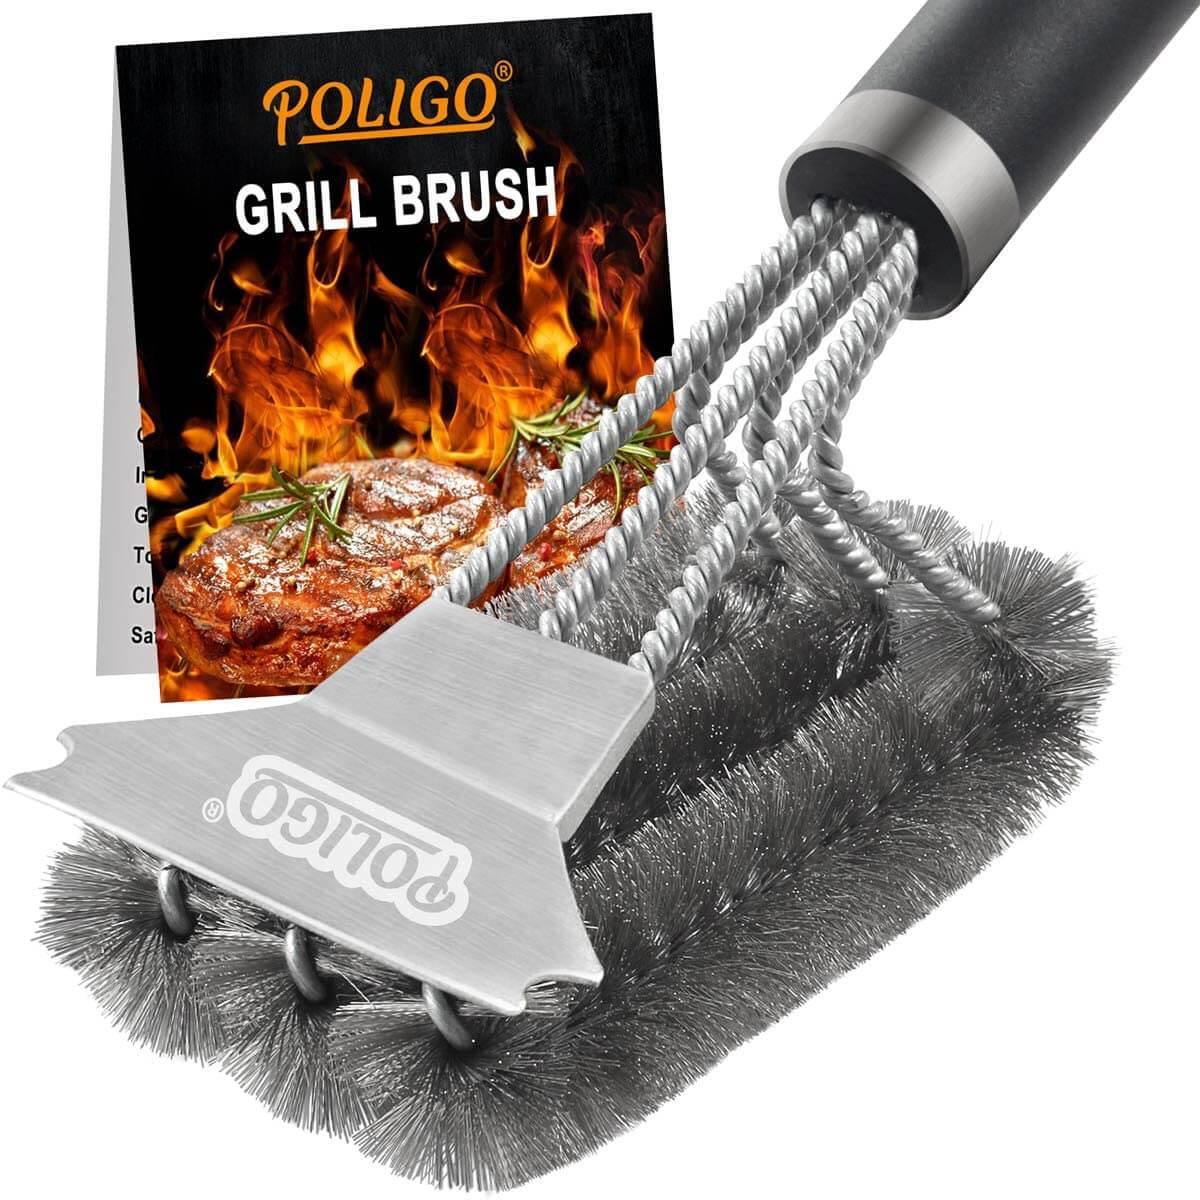 POLIGO Grill Brush and Scraper with Deluxe Handle